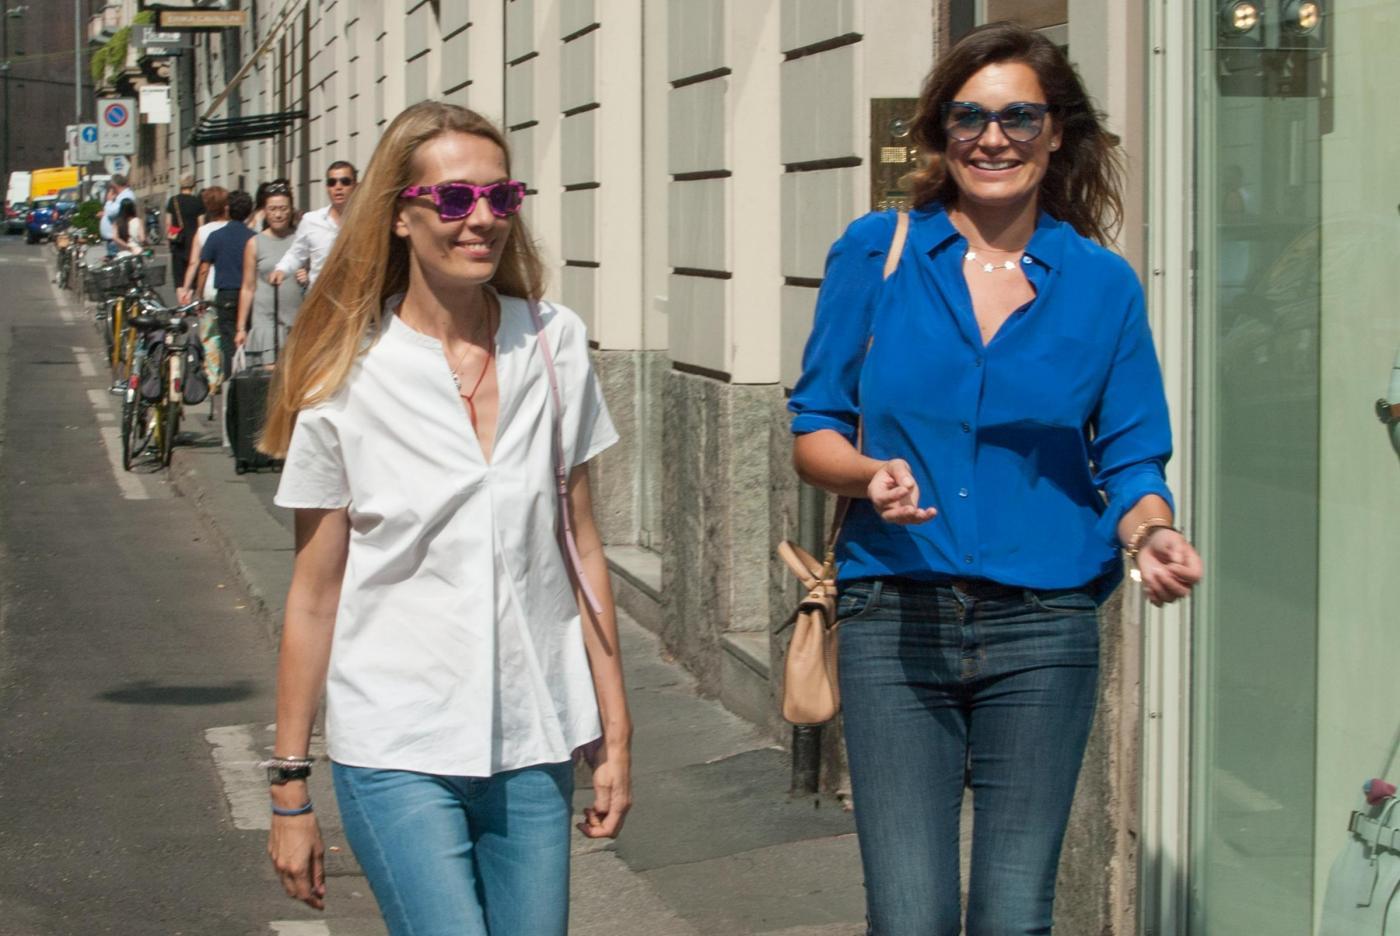 Alena Seredova e Lavinia Borromeo fanno shopping a Milano FOTO 3